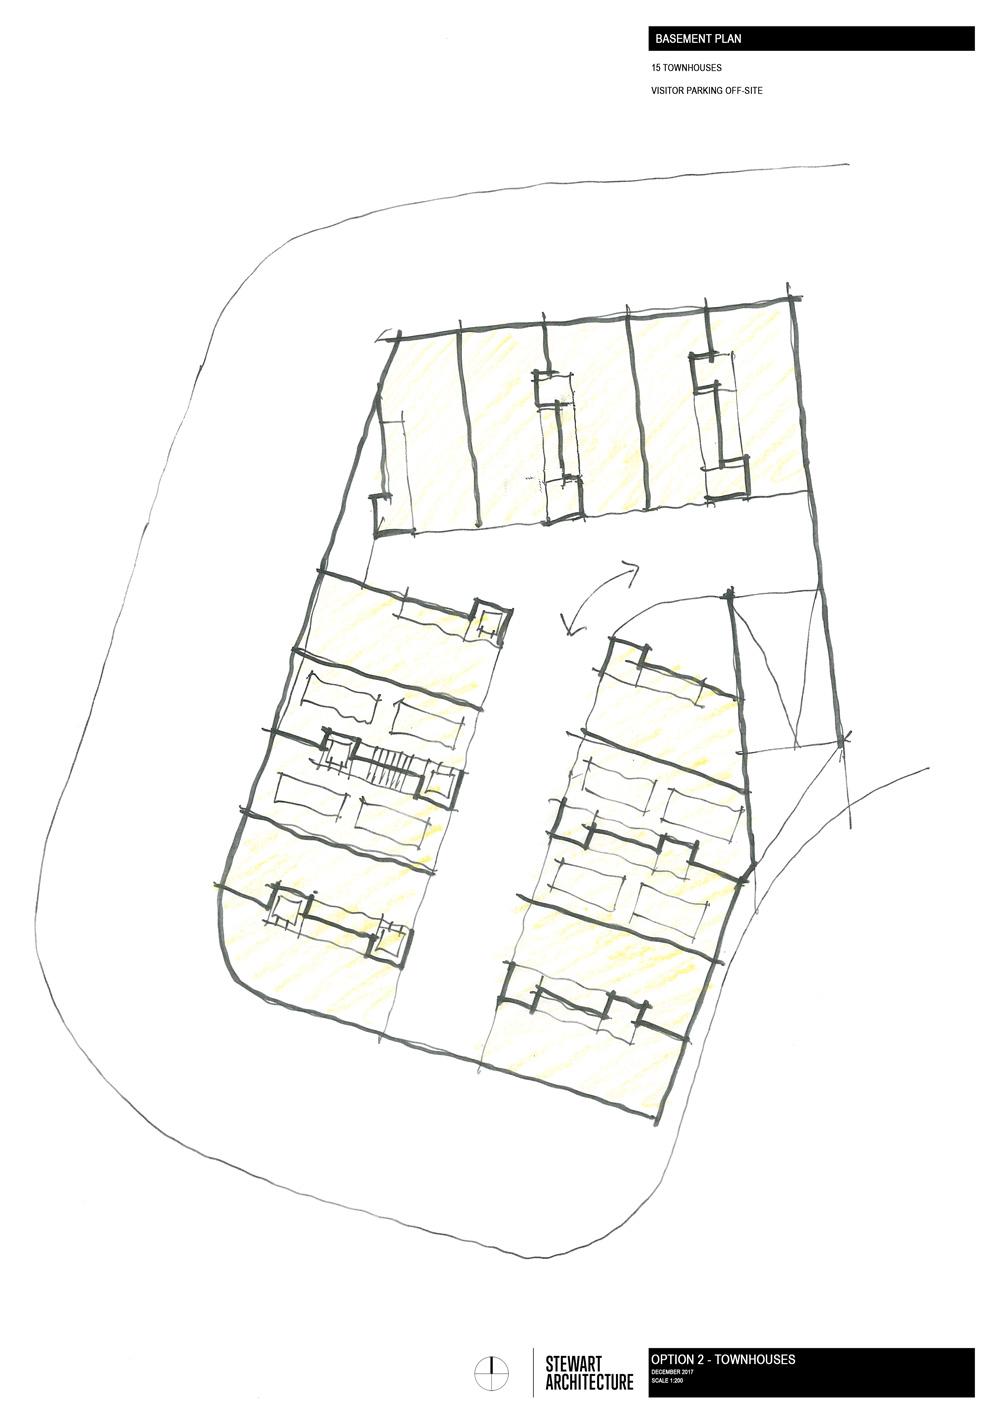 171211-1647-001-Option-2-Basement.jpg